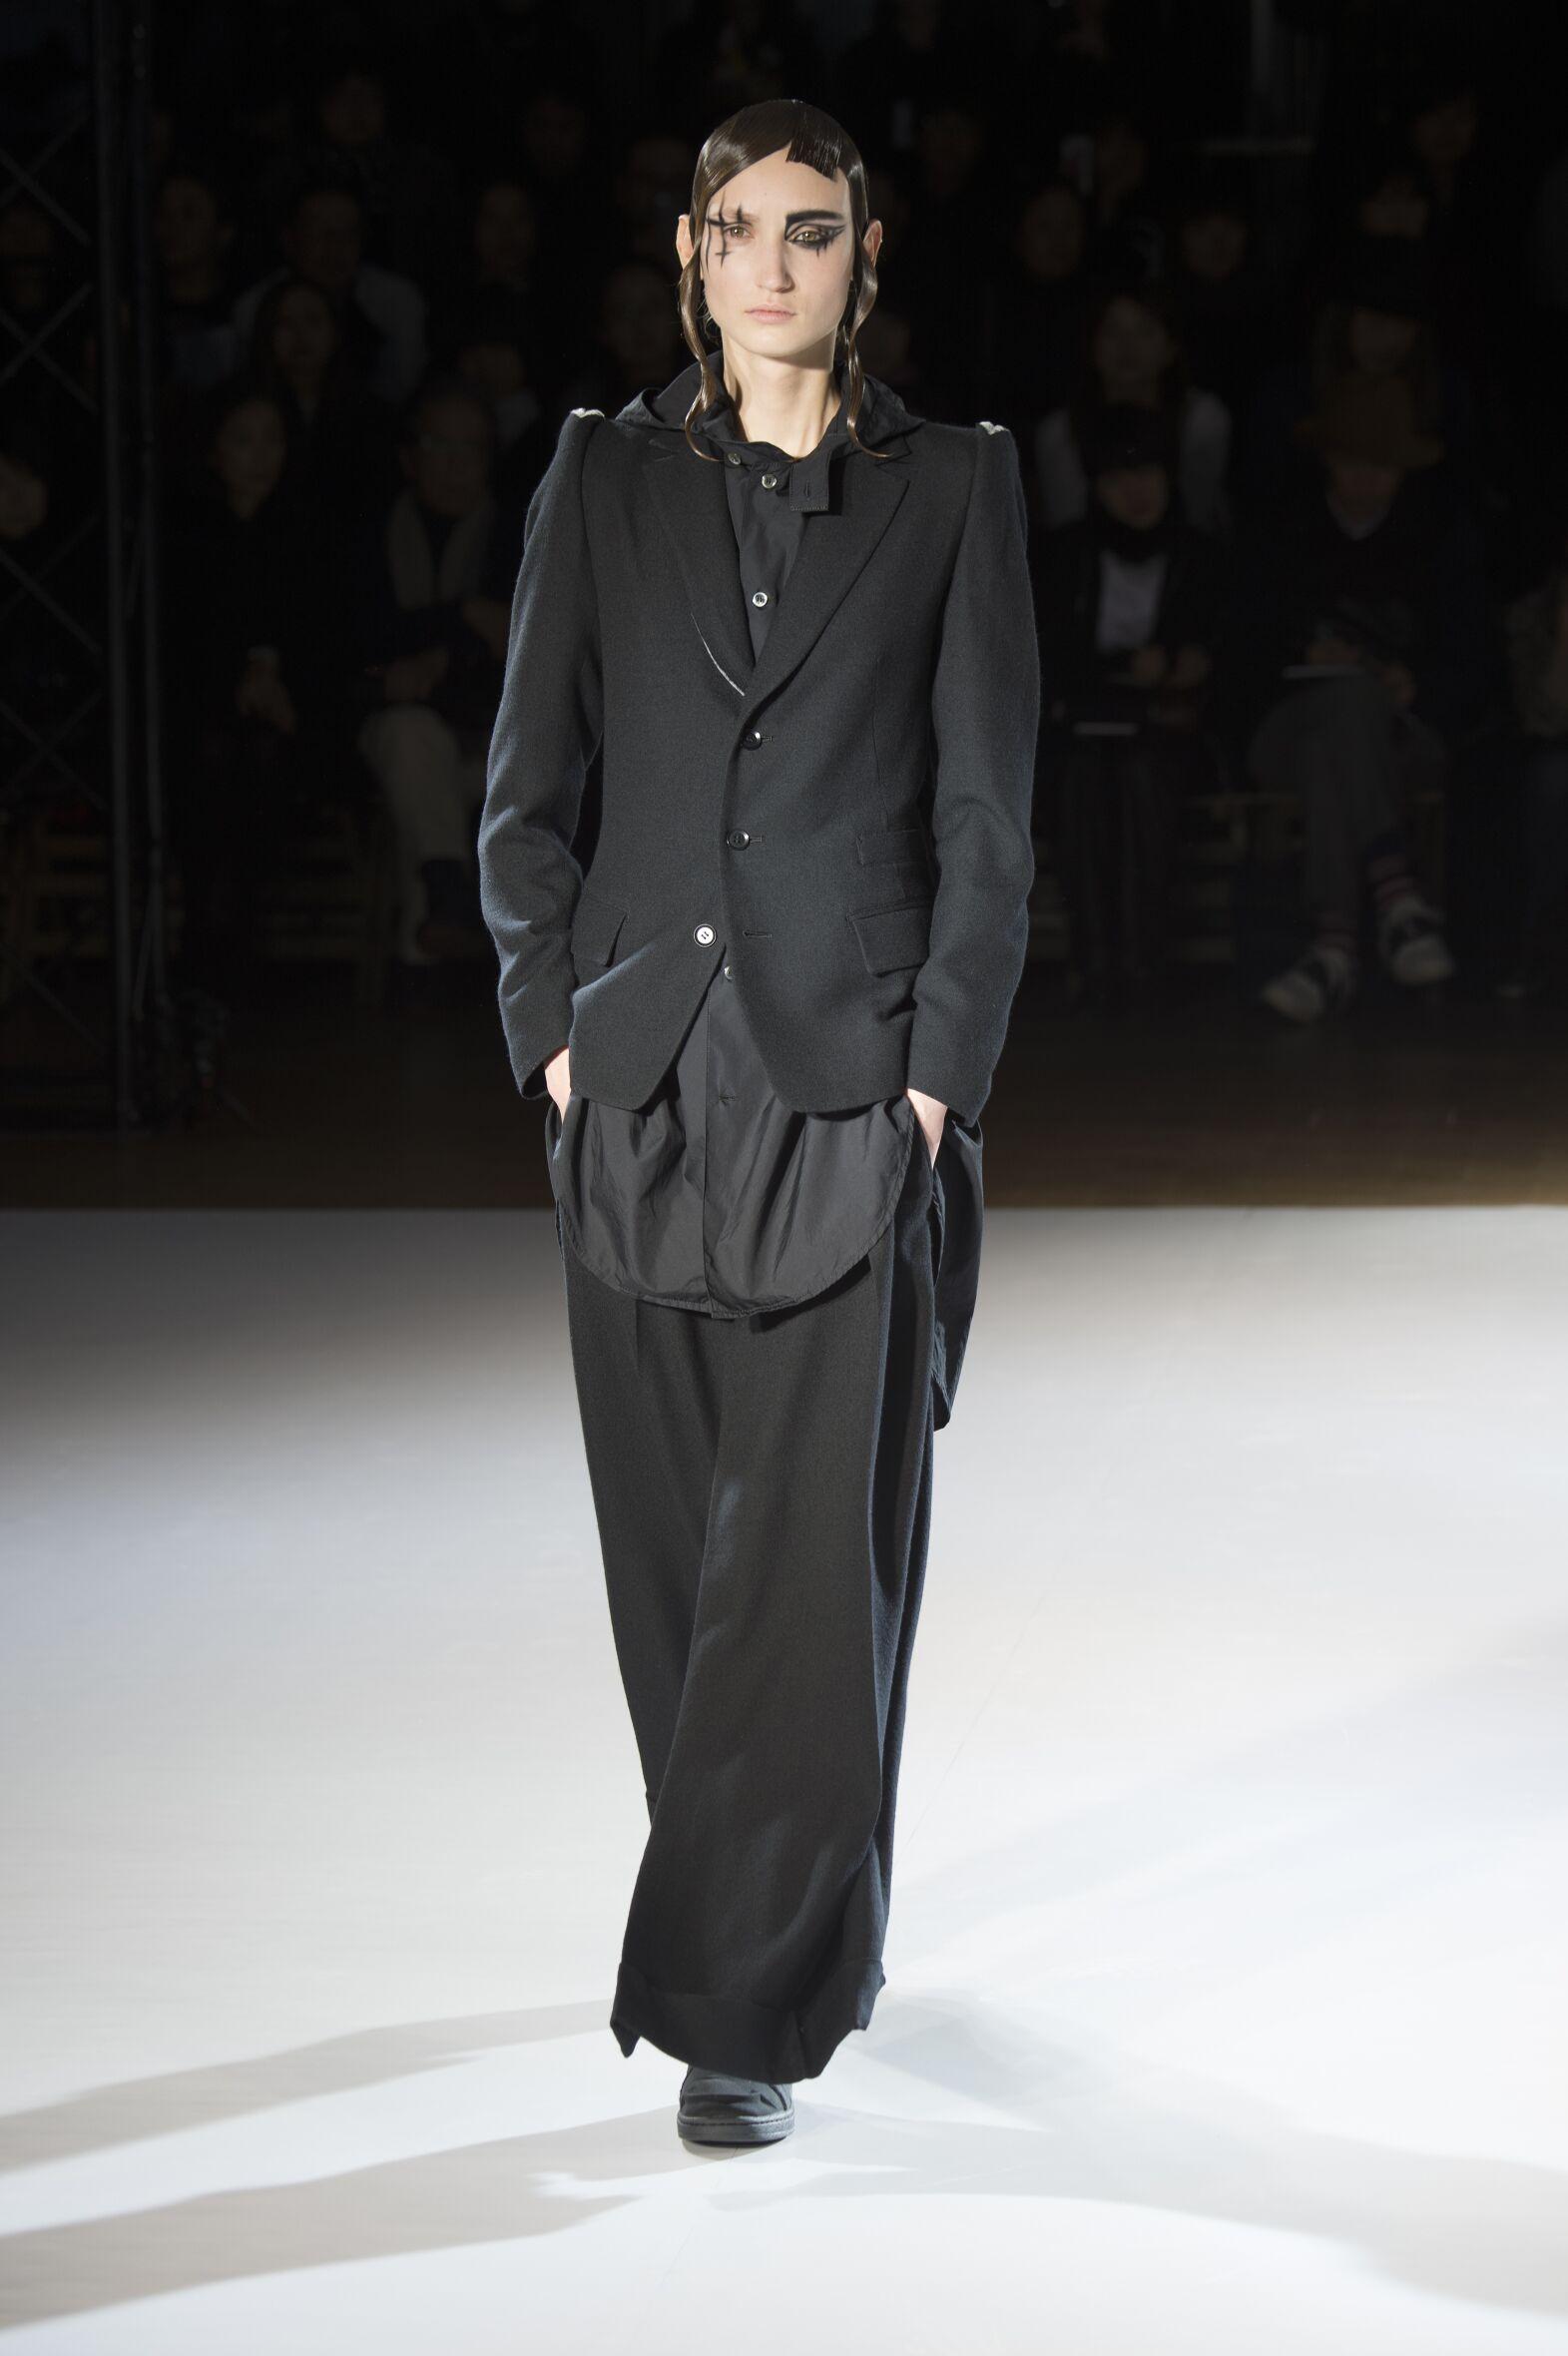 Runway Yohji Yamamoto Fall Winter 2015 16 Women's Collection Paris Fashion Week